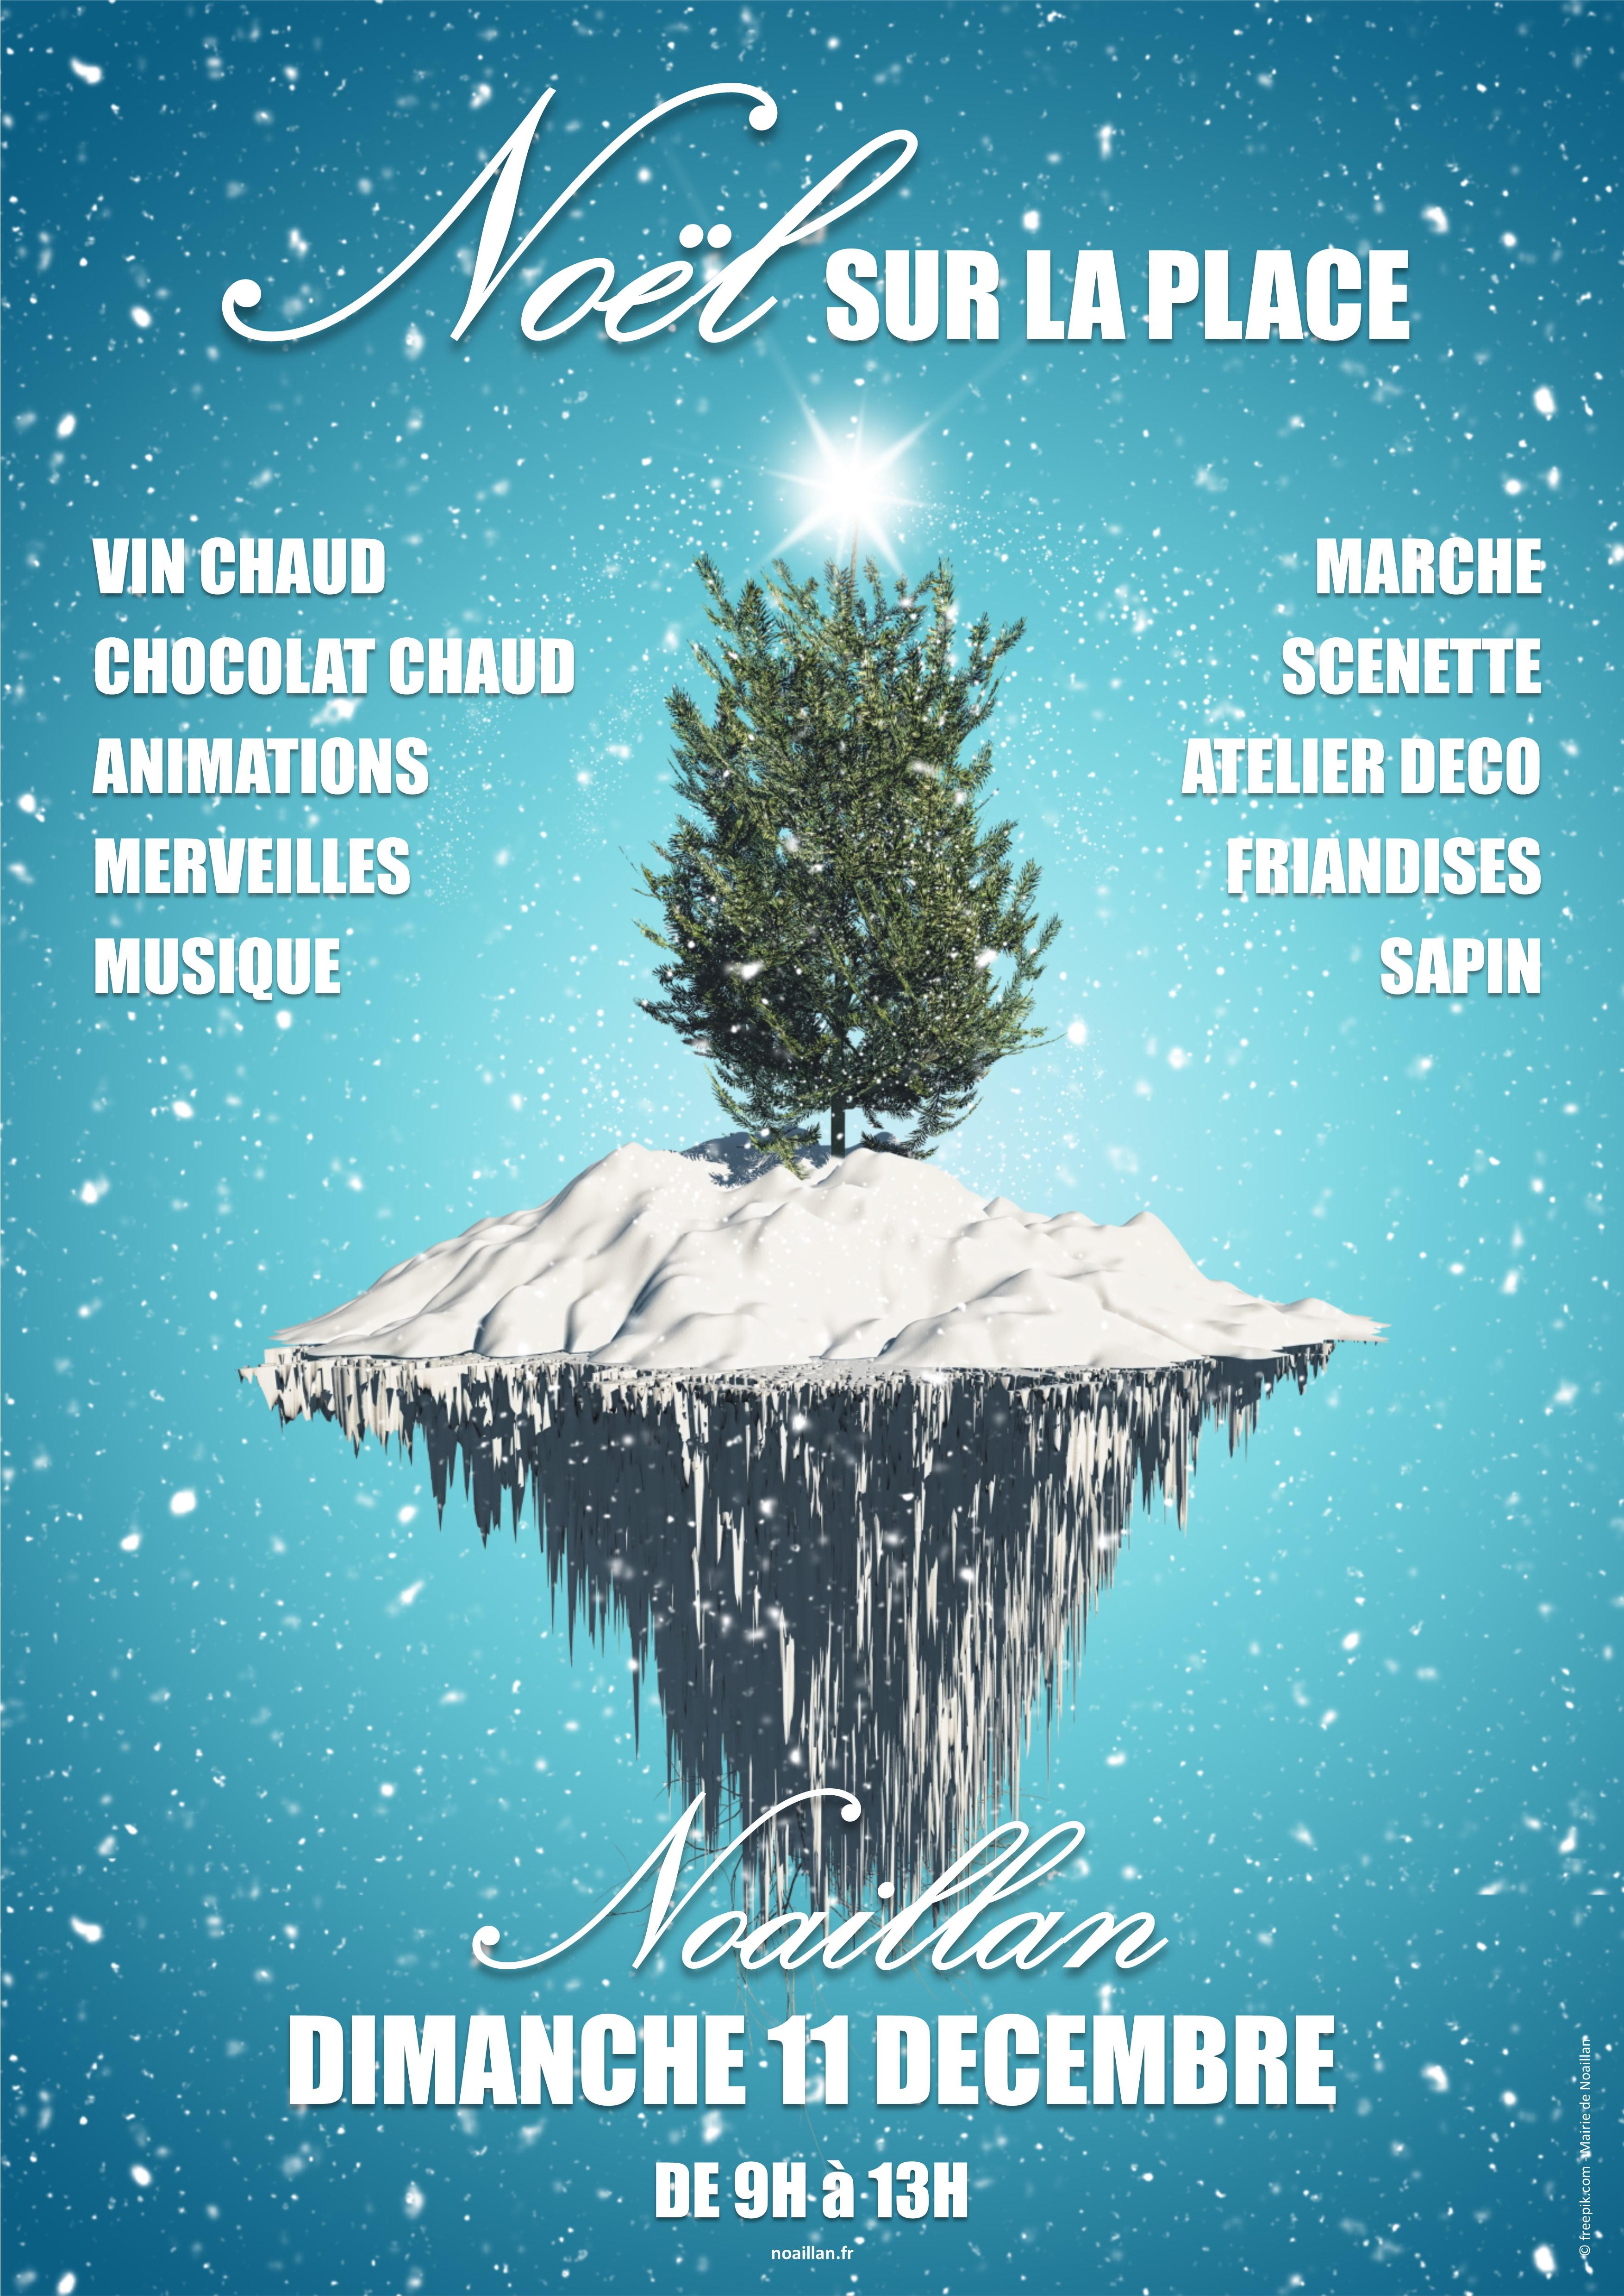 Noël sur la place @ Bourg | Noaillan | Aquitaine-Limousin-Poitou-Charentes | France